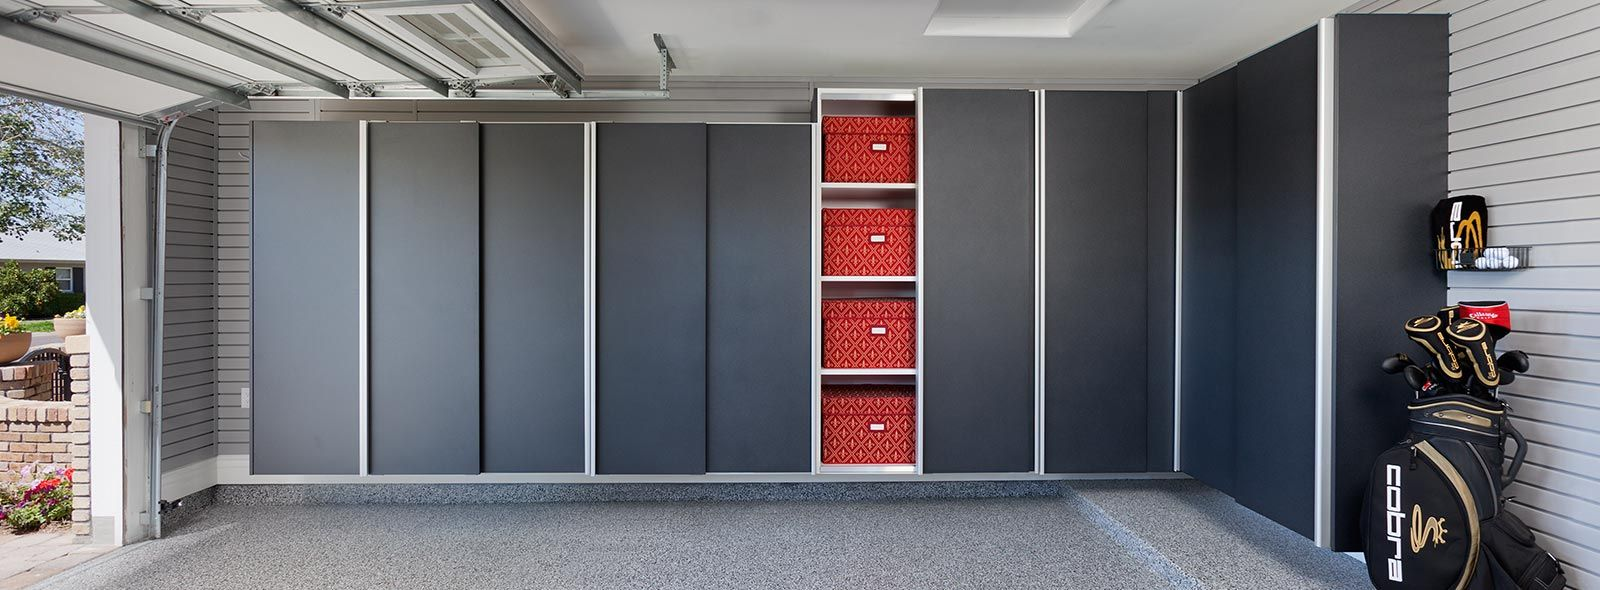 Image Result For Ikea Garage Shelves